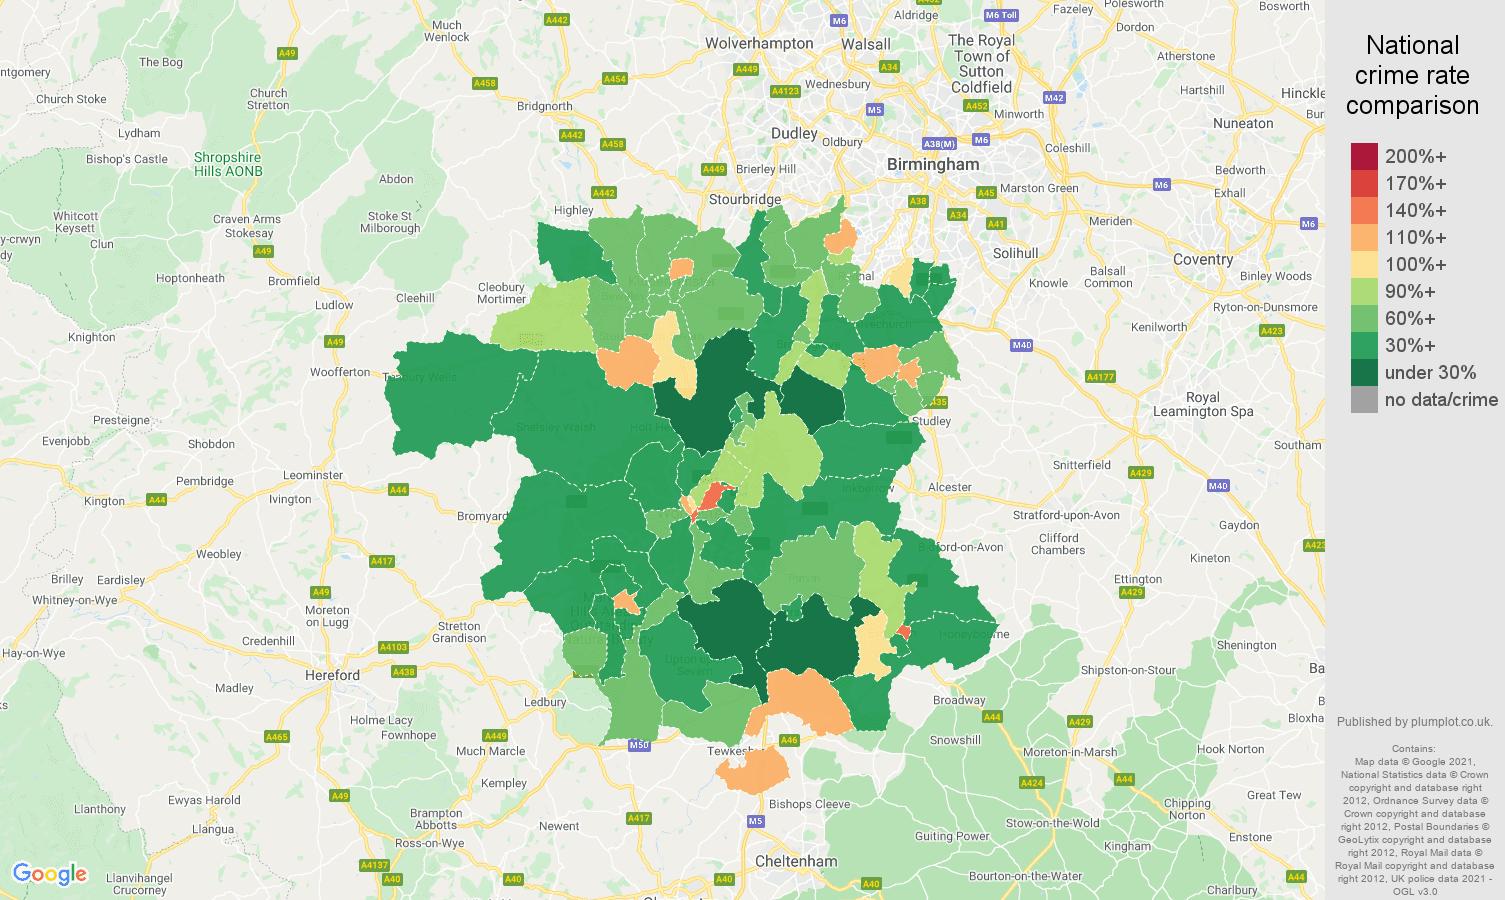 Worcestershire antisocial behaviour crime rate comparison map